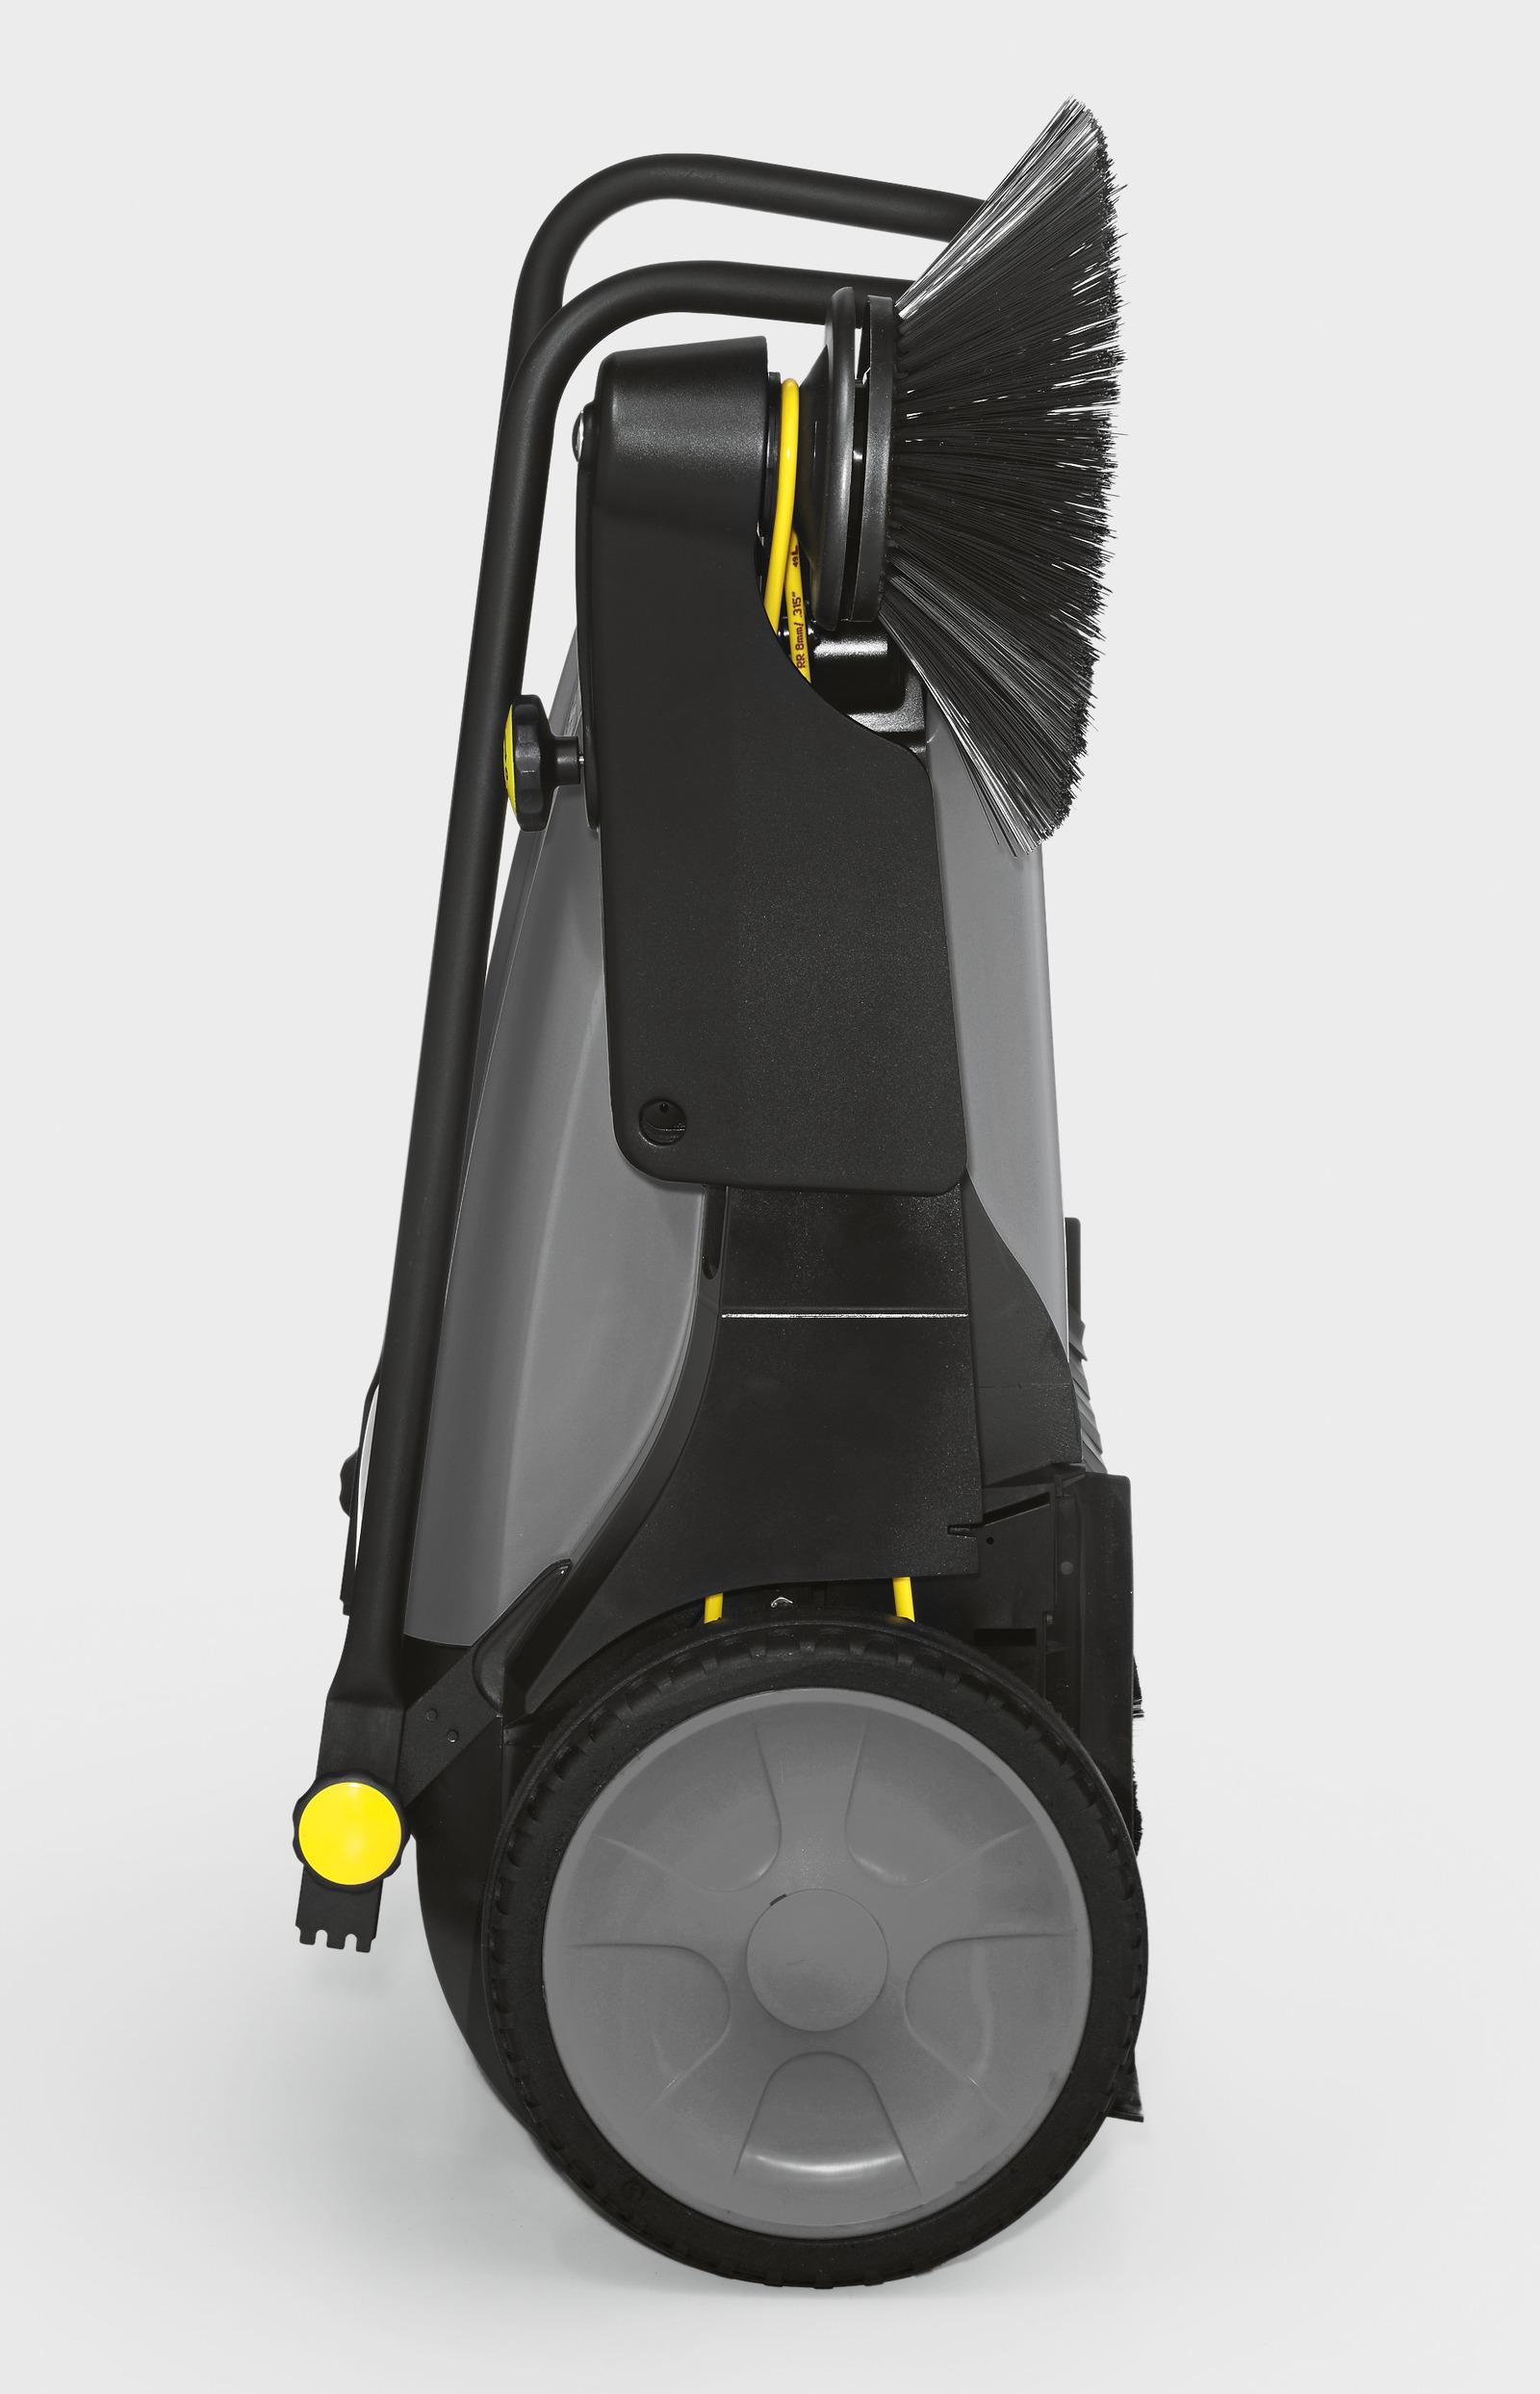 kehrmaschine km 70 20 c 2sb k rcher. Black Bedroom Furniture Sets. Home Design Ideas